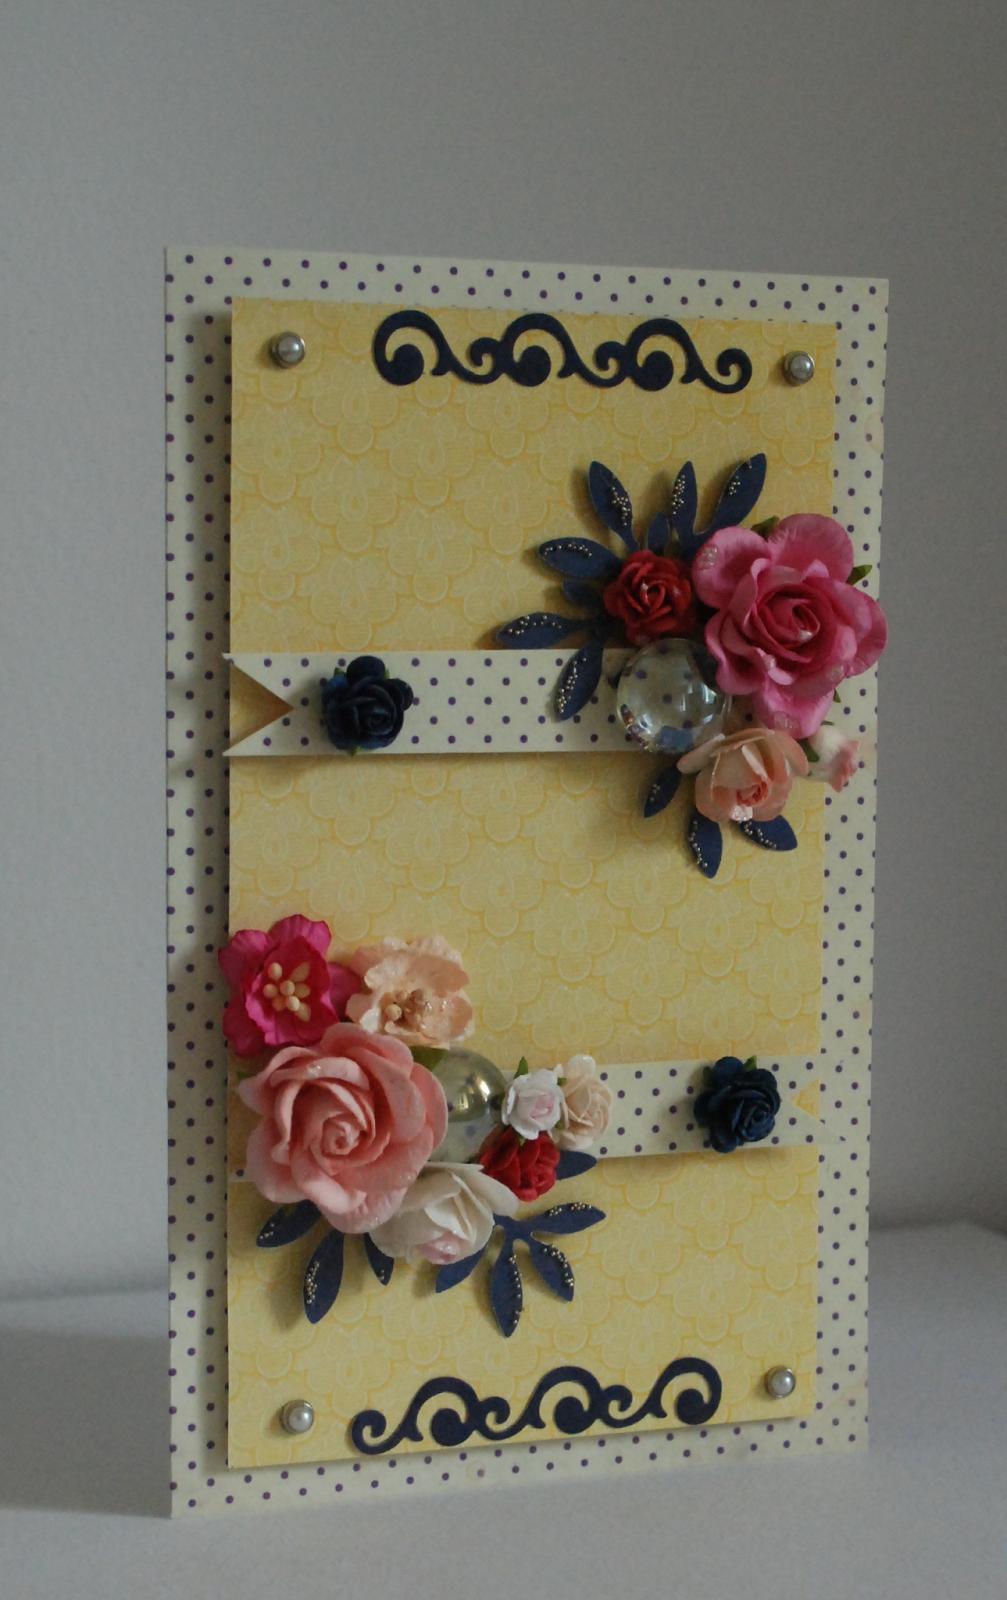 kartka imieninowa, groszki i kwiaty